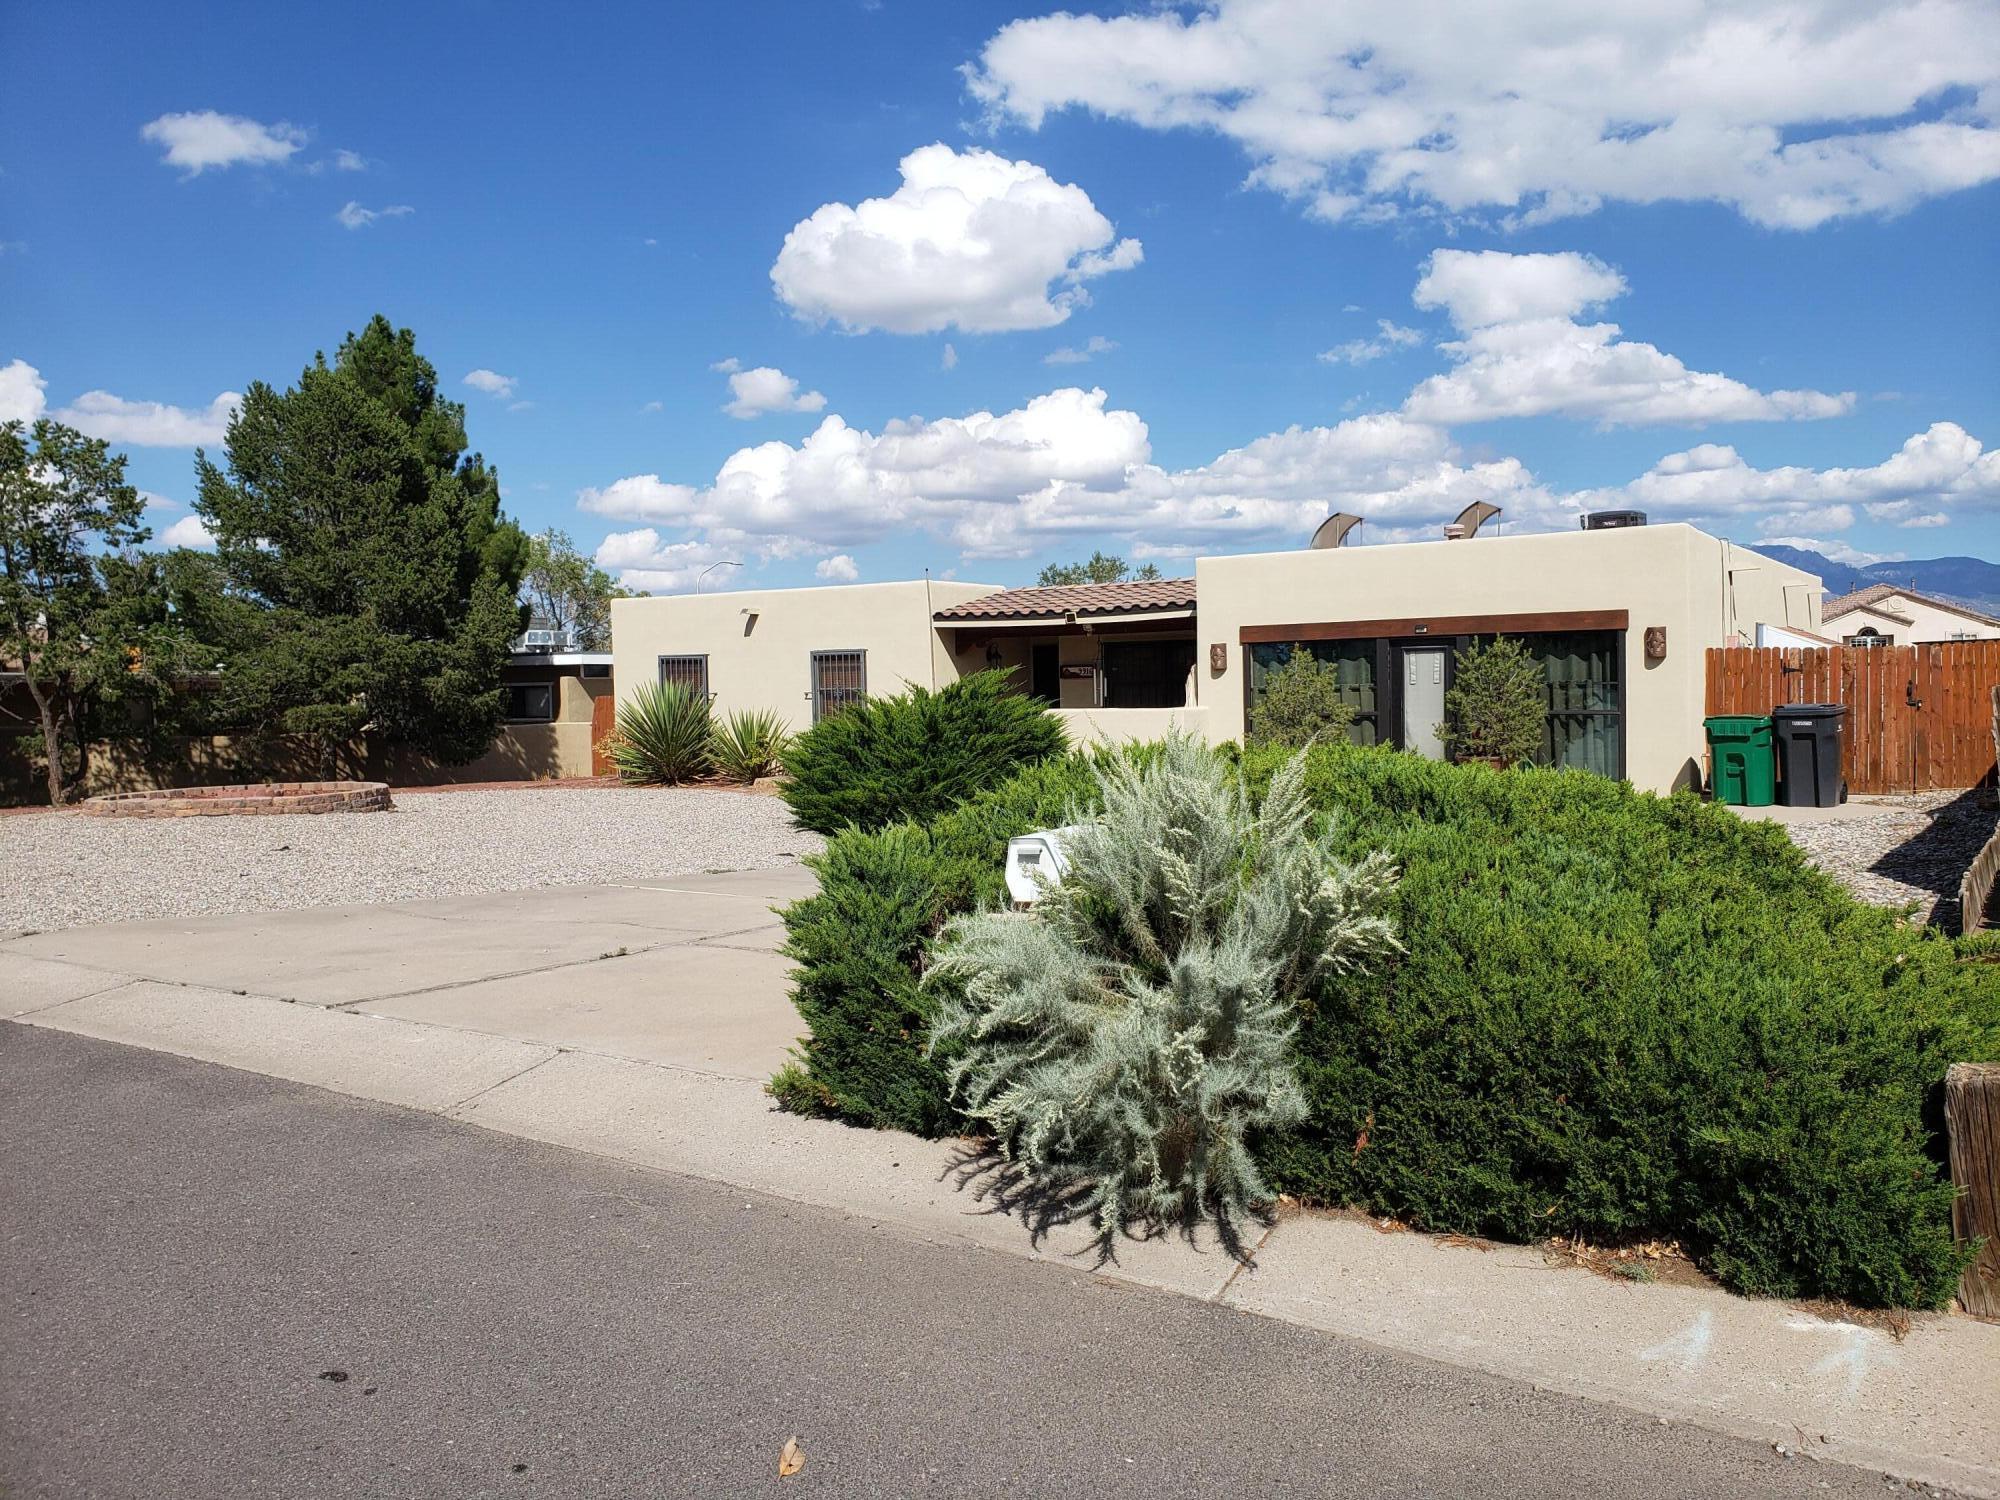 9916 GREENE Avenue, Albuquerque NM 87114